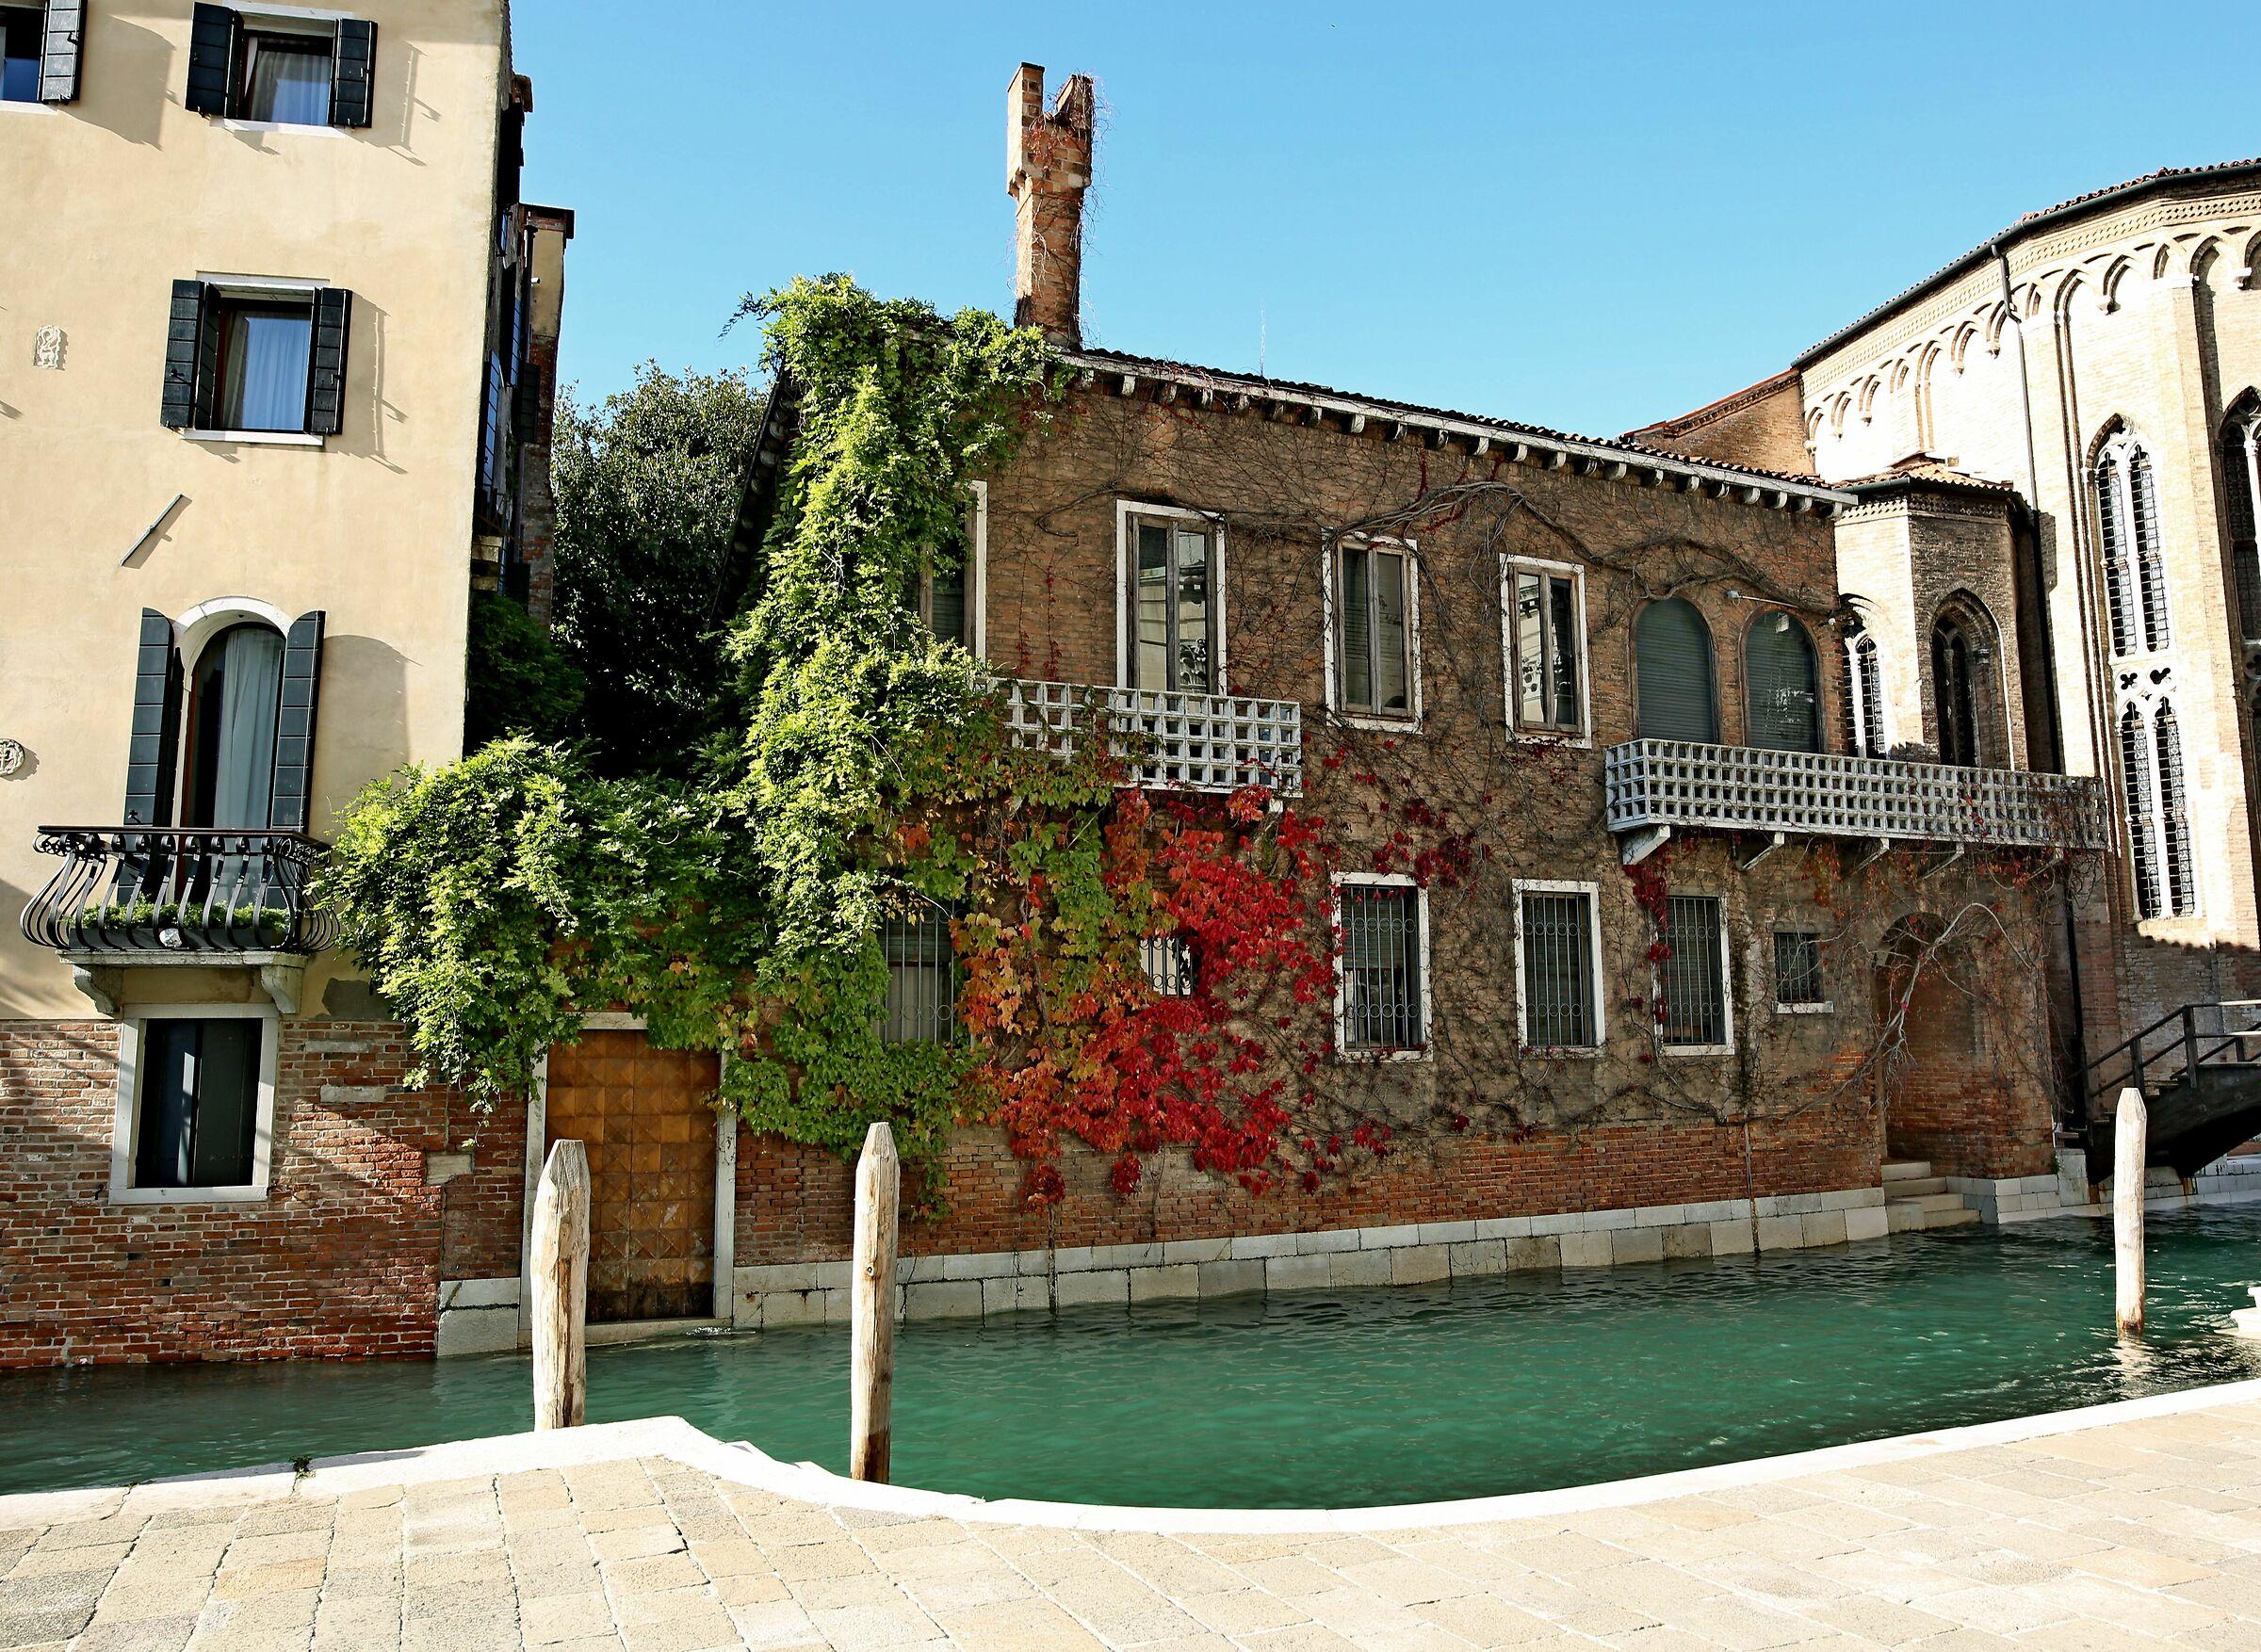 un giorno a Venezia con Onofrio 2...